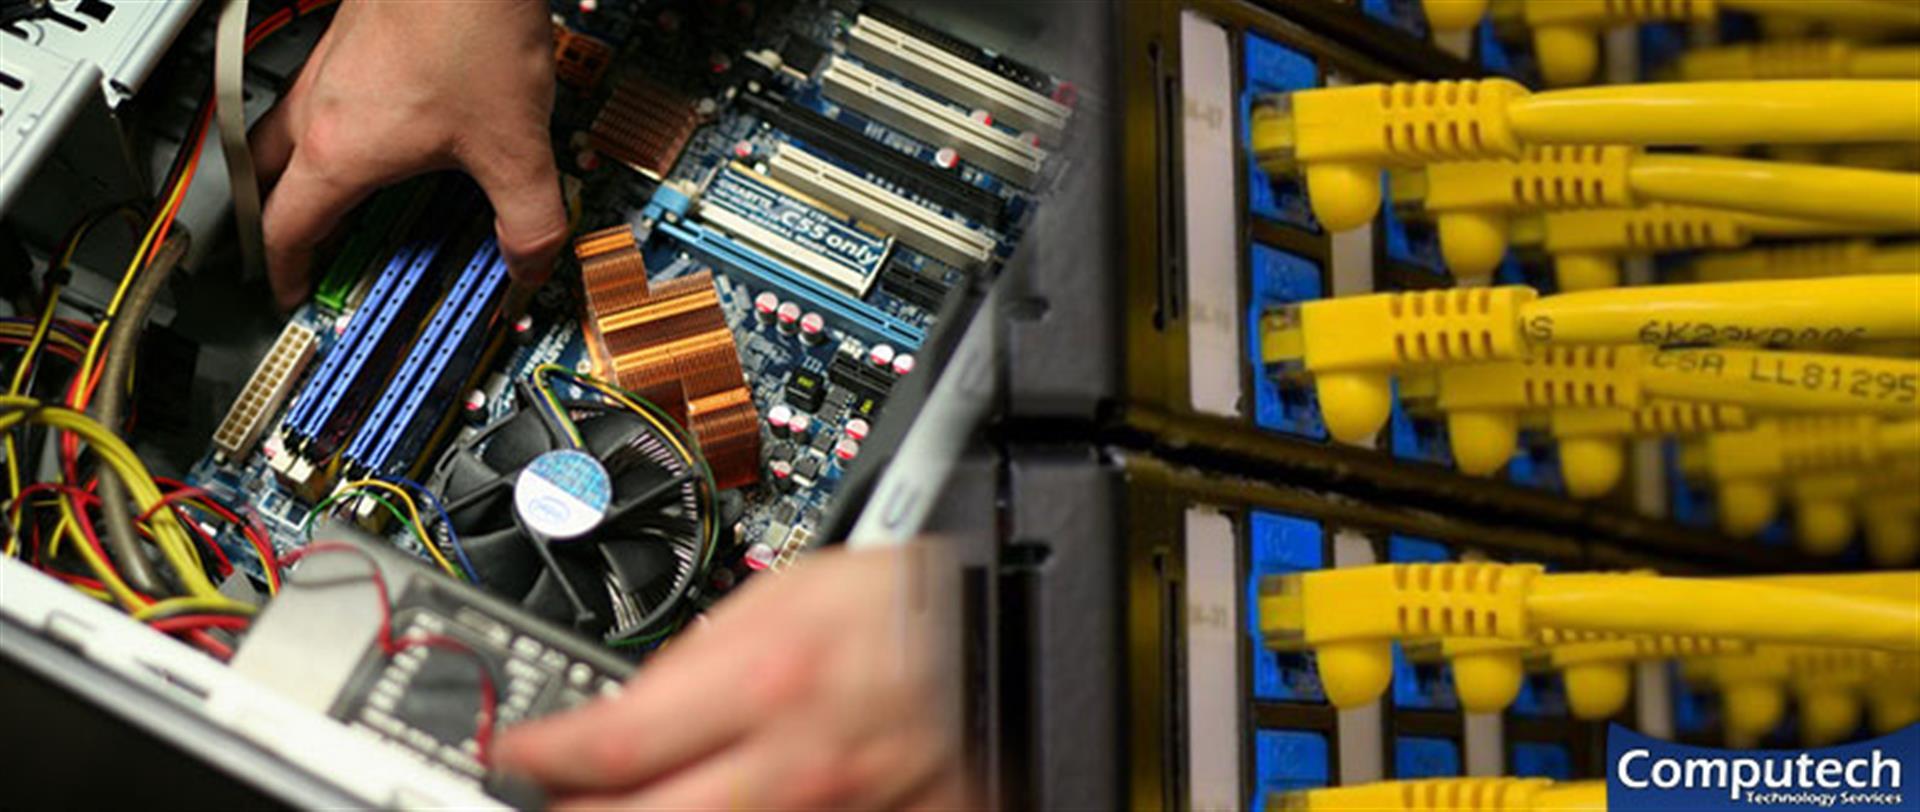 Blackshear Georgia Onsite Computer & Printer Repair, Network, Voice & Data Cabling Services